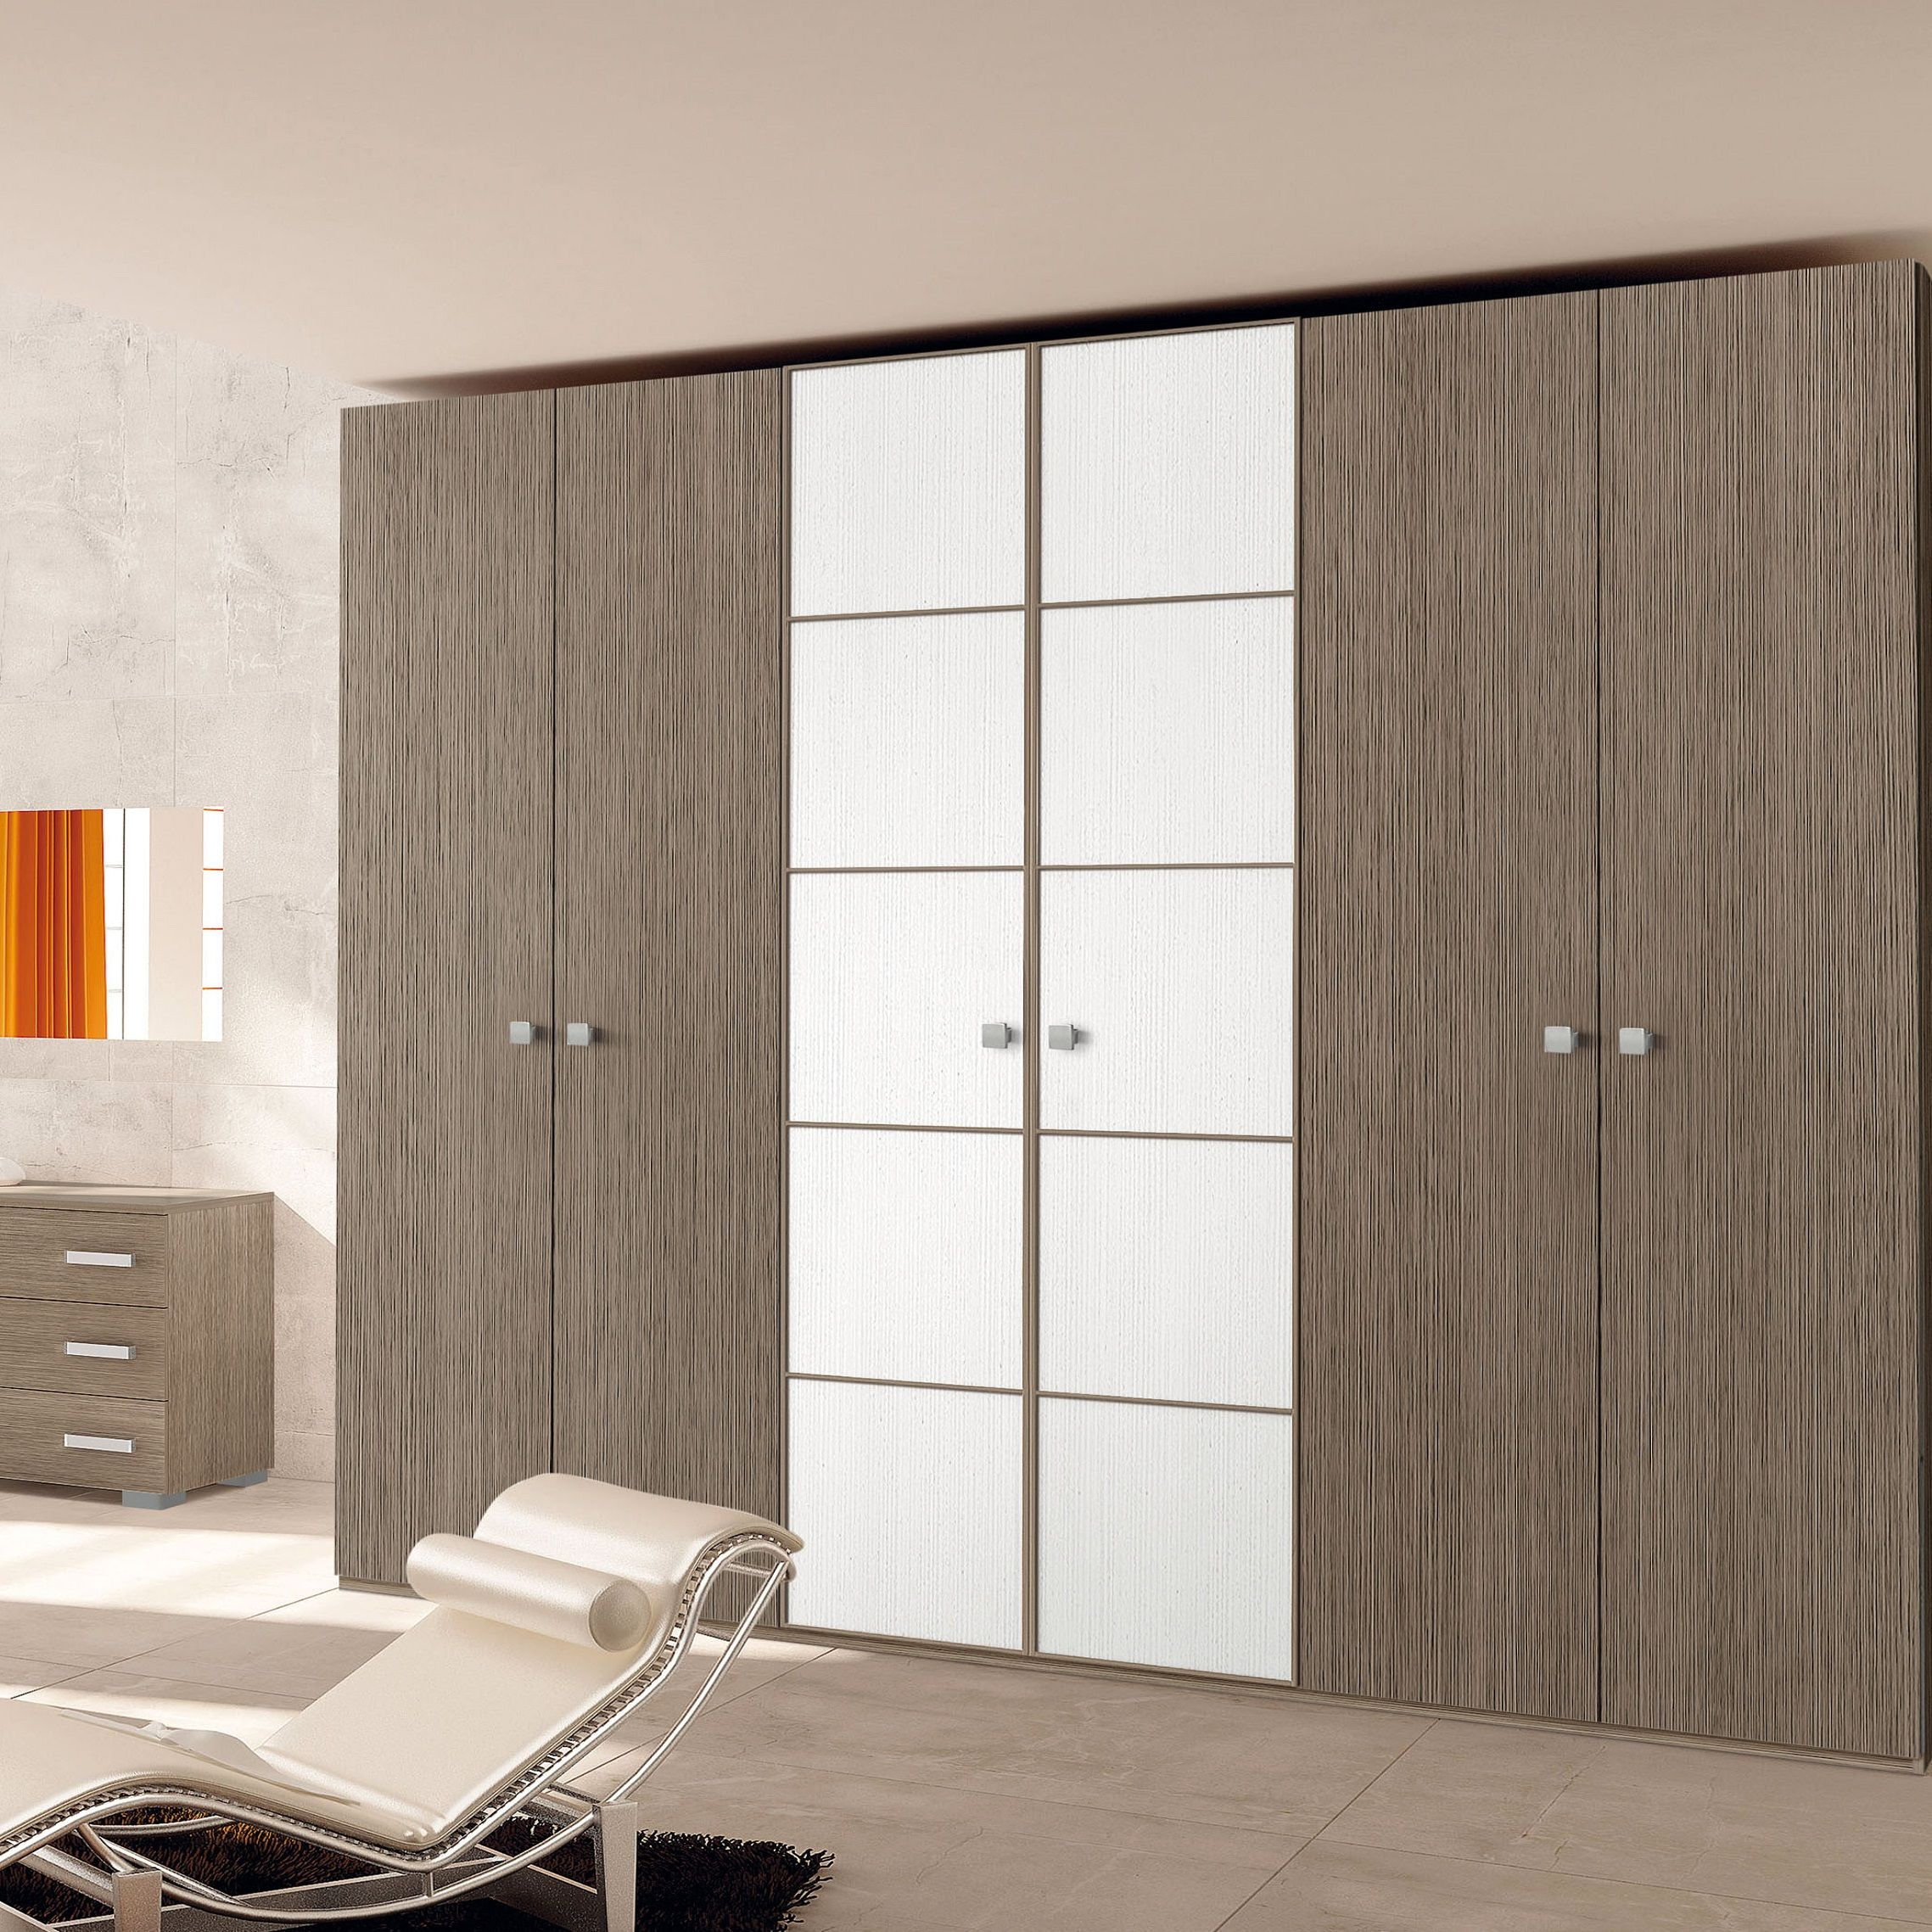 Classichome Interior Design: Armadio Bicolore Master (con Immagini)